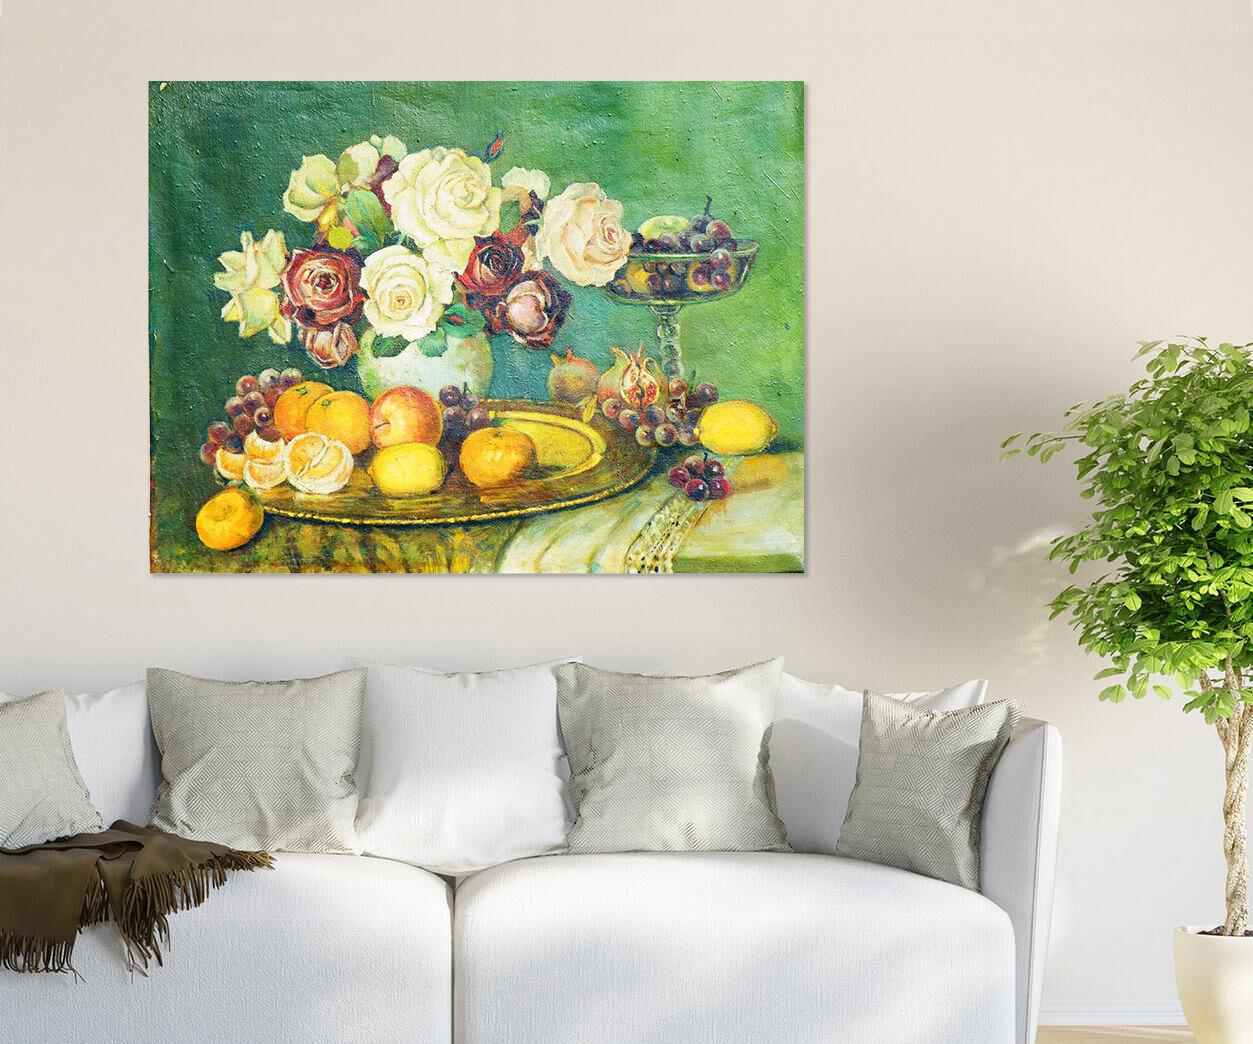 3D Obst Esstisch Blaumen Tasse 9 Fototapeten Wandbild BildTapete AJSTORE DE Lemon